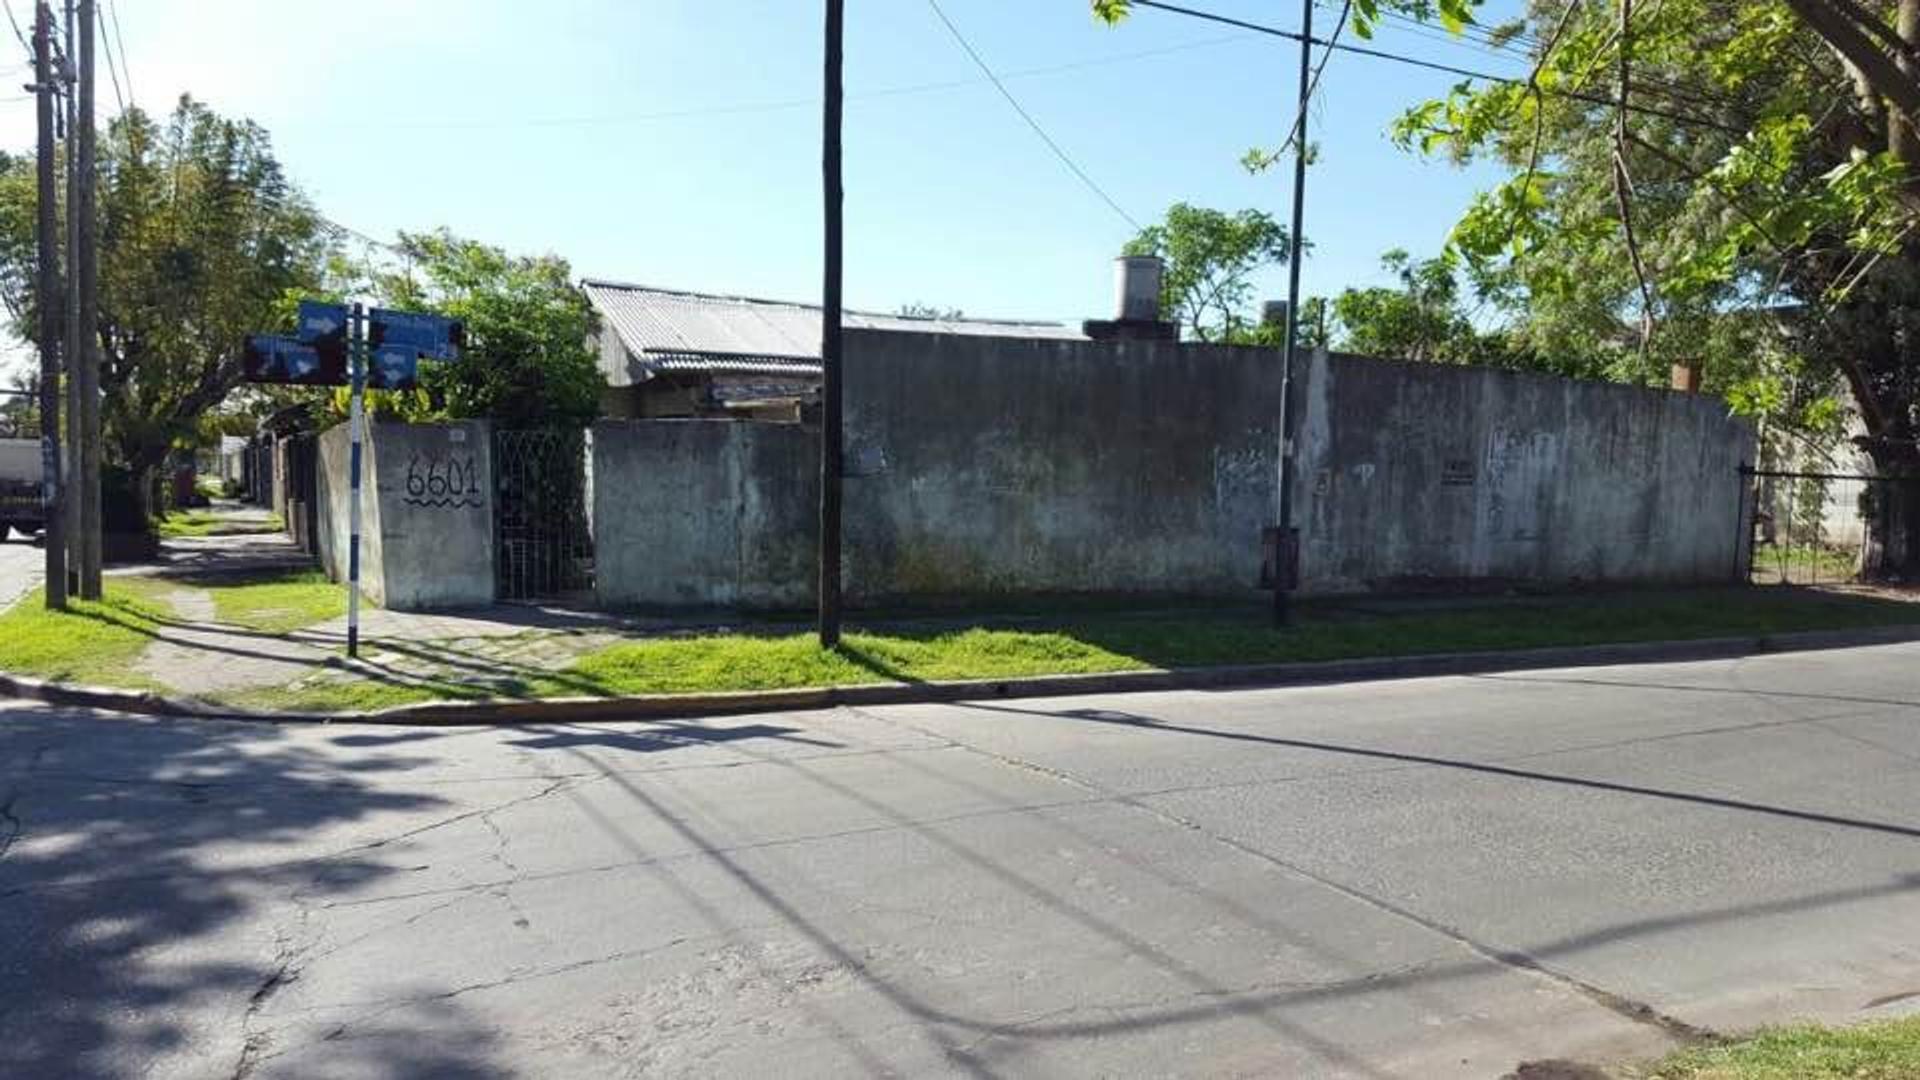 Chalet a reciclar de 3 amb en esquina, sobre lote de 11,30 x 26mts, a 2 cuadras de Alcorta